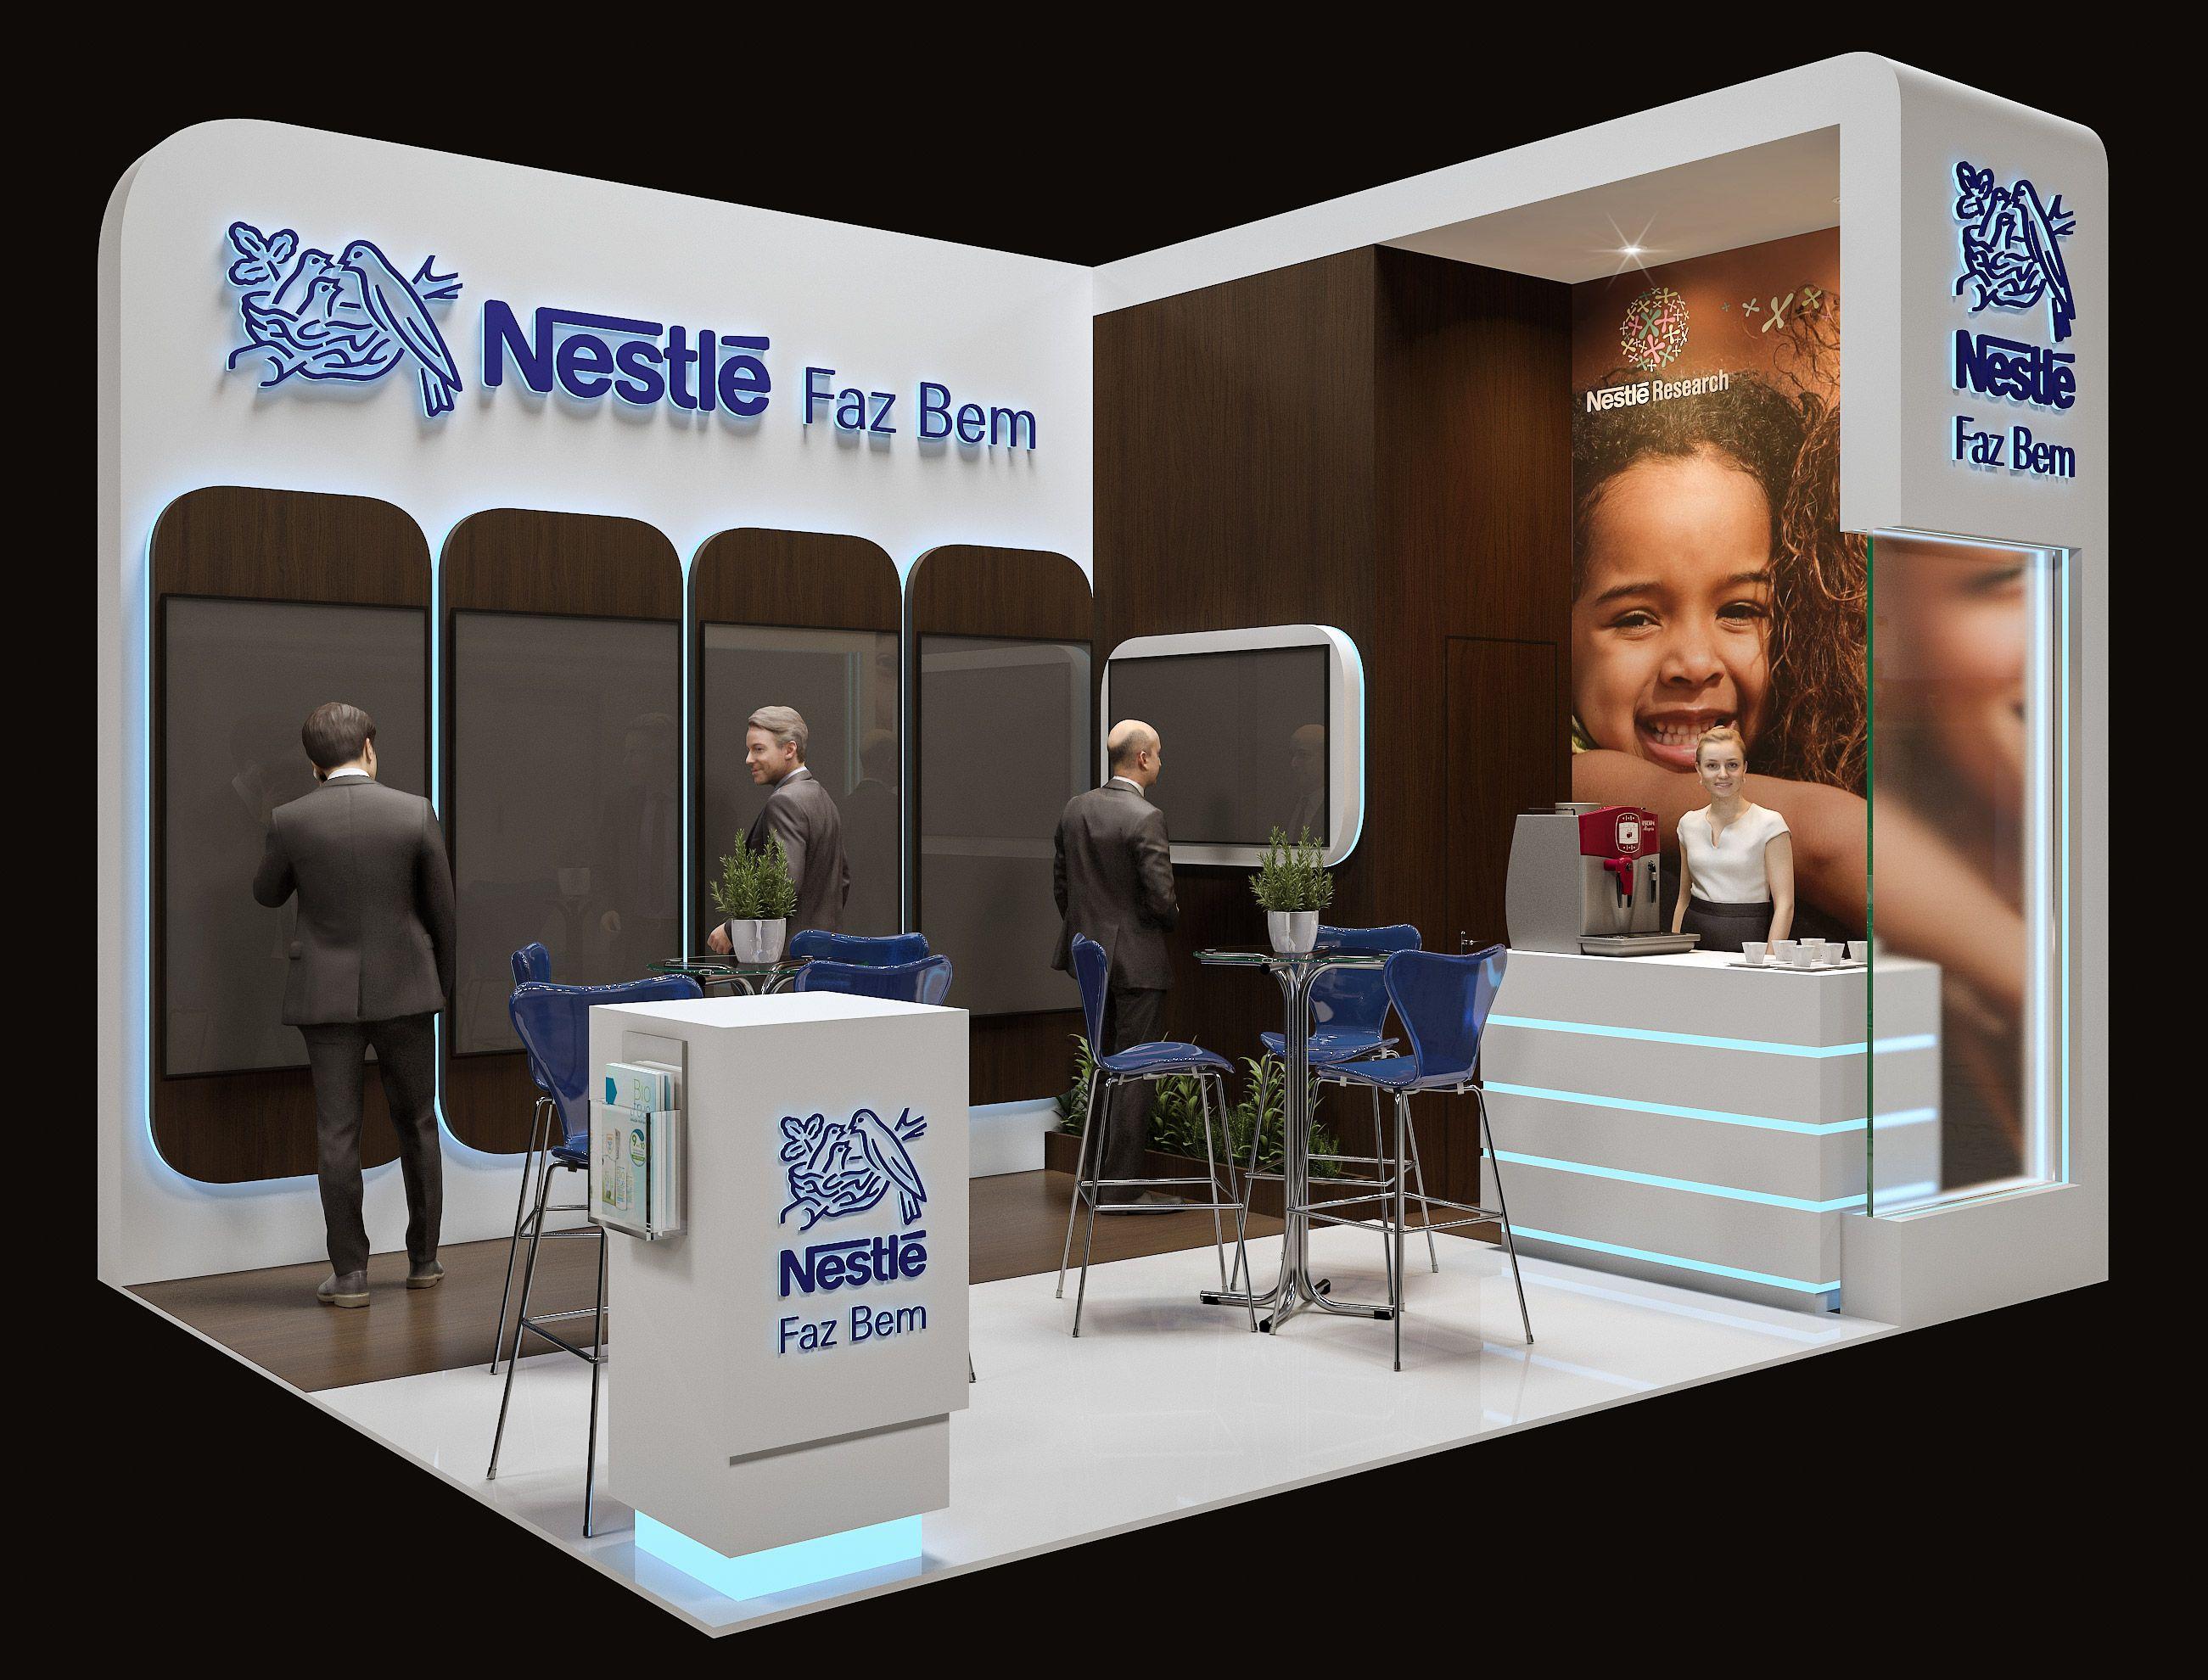 Exhibition Stand Installer Jobs : Stand nestlé design exhibition stand design exhibition booth